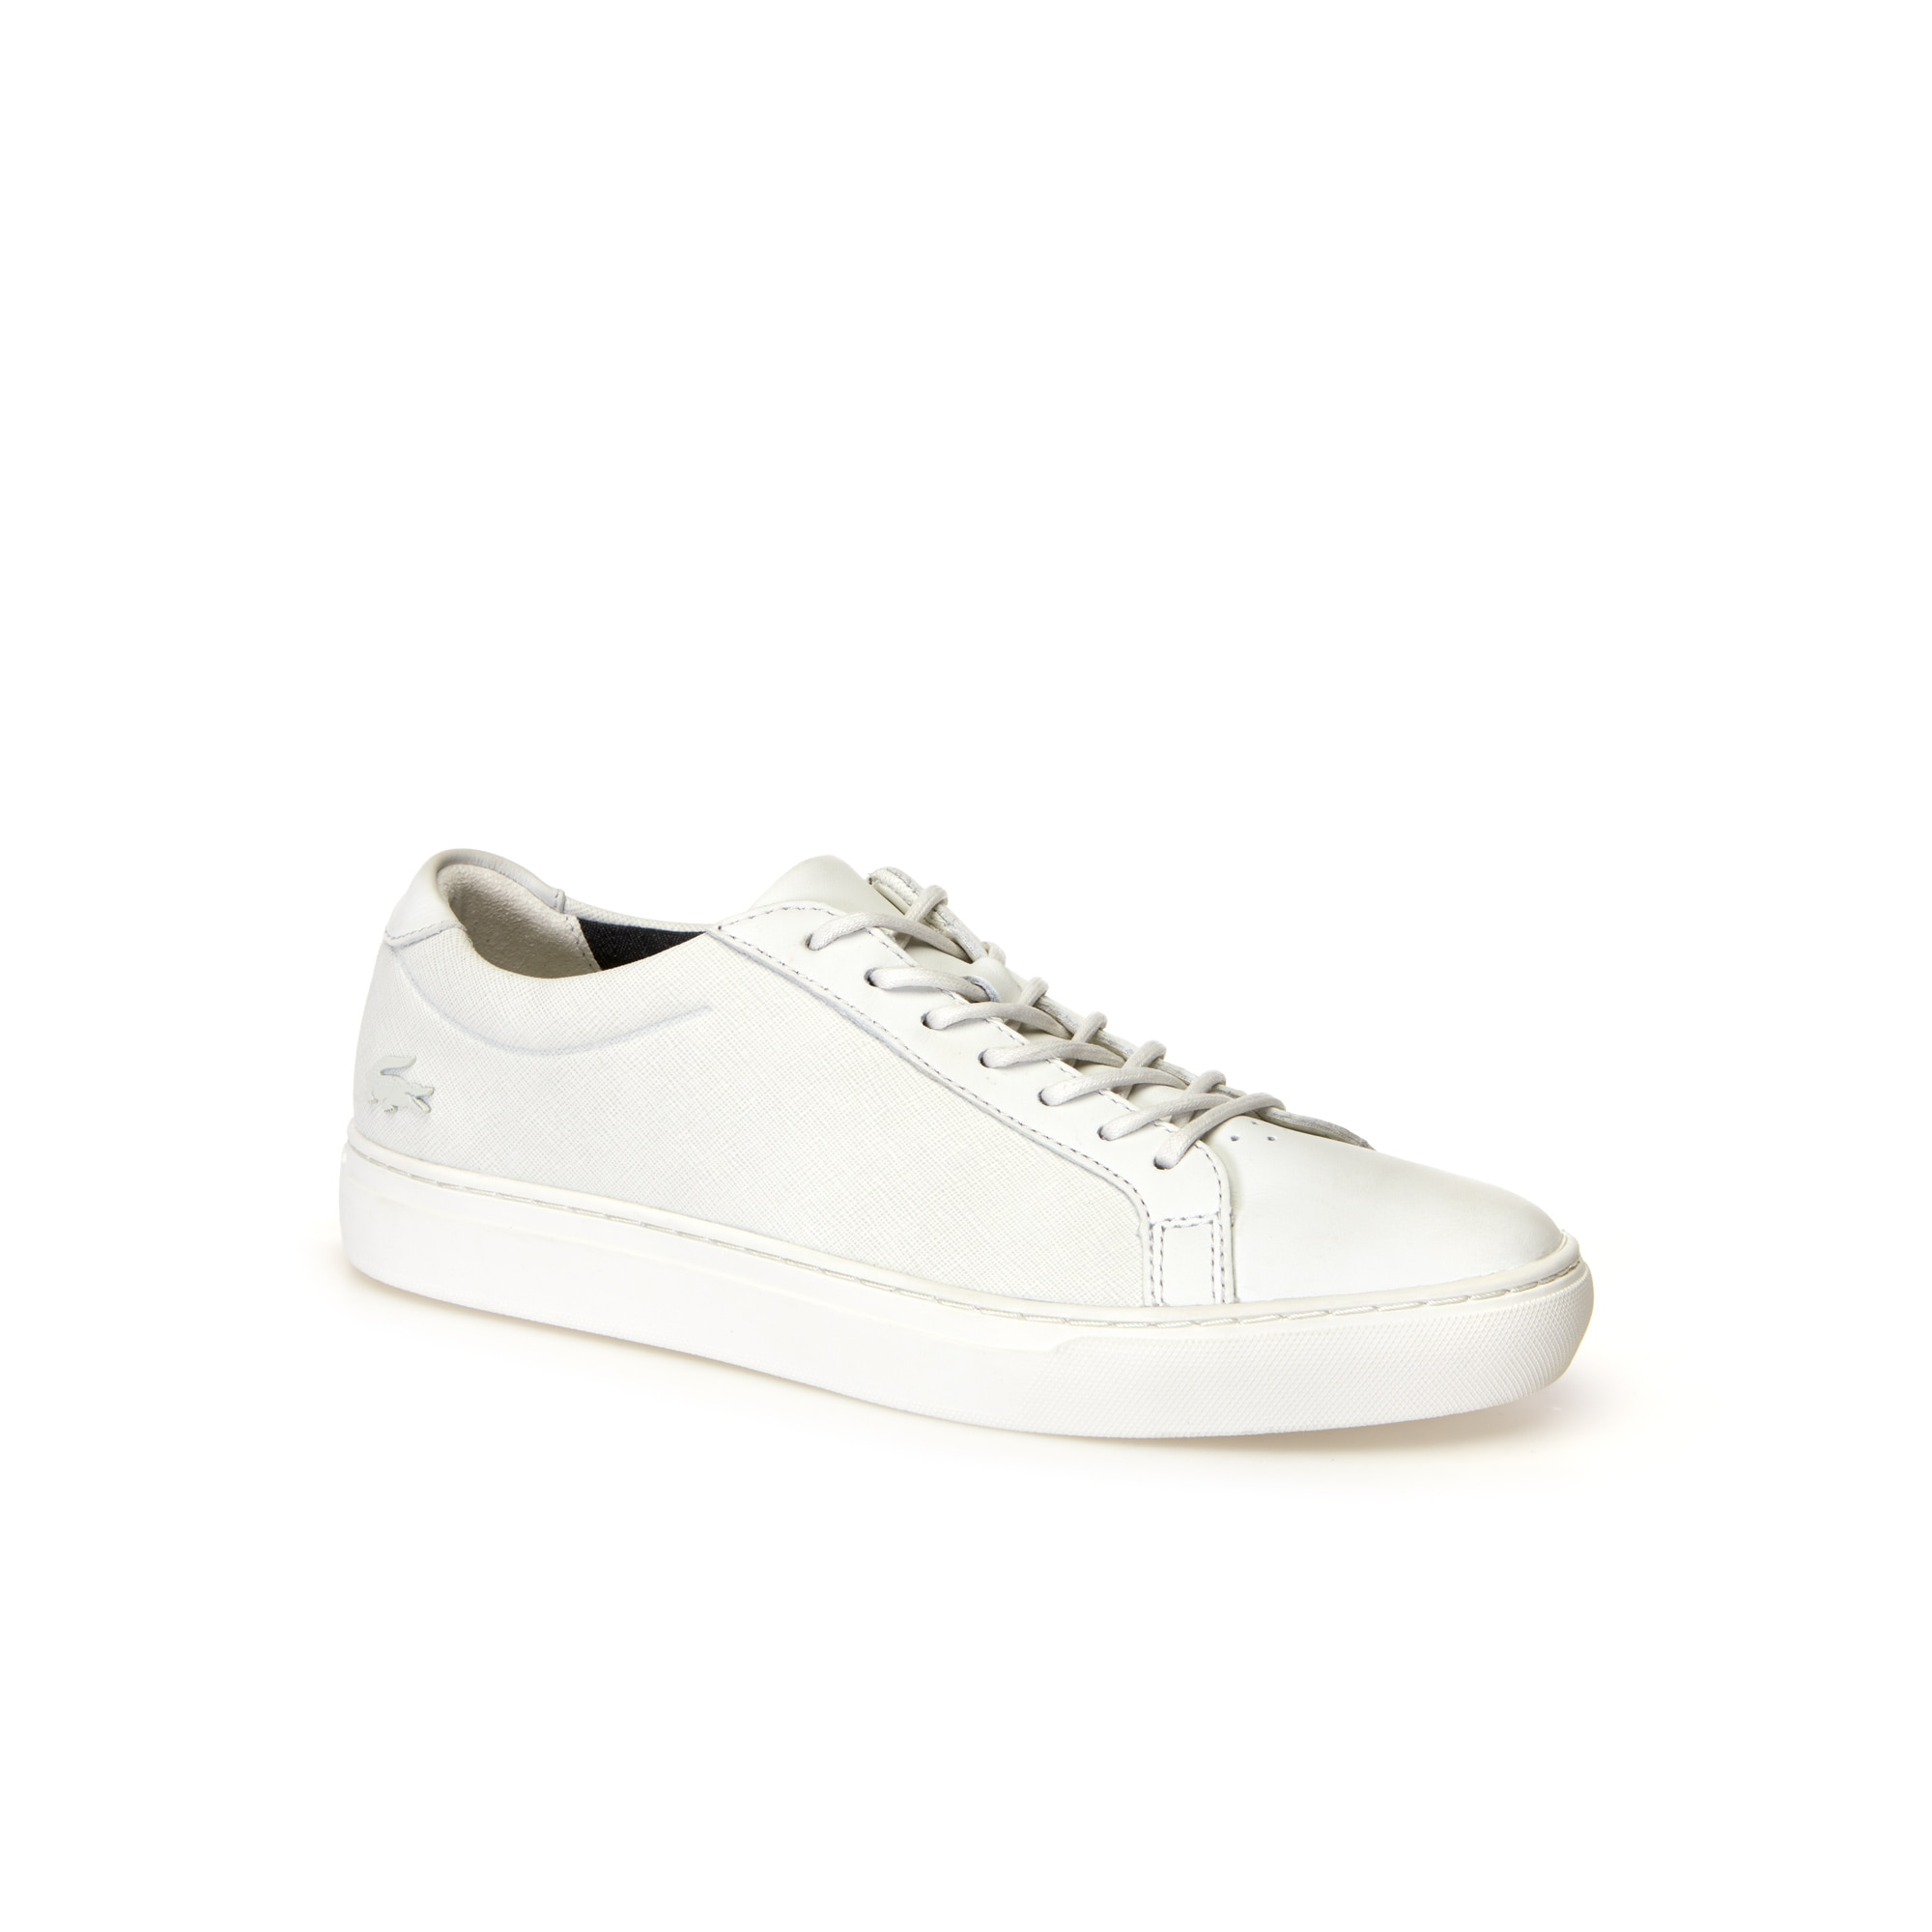 Zapatillas de hombre L.12.12 de piel premium